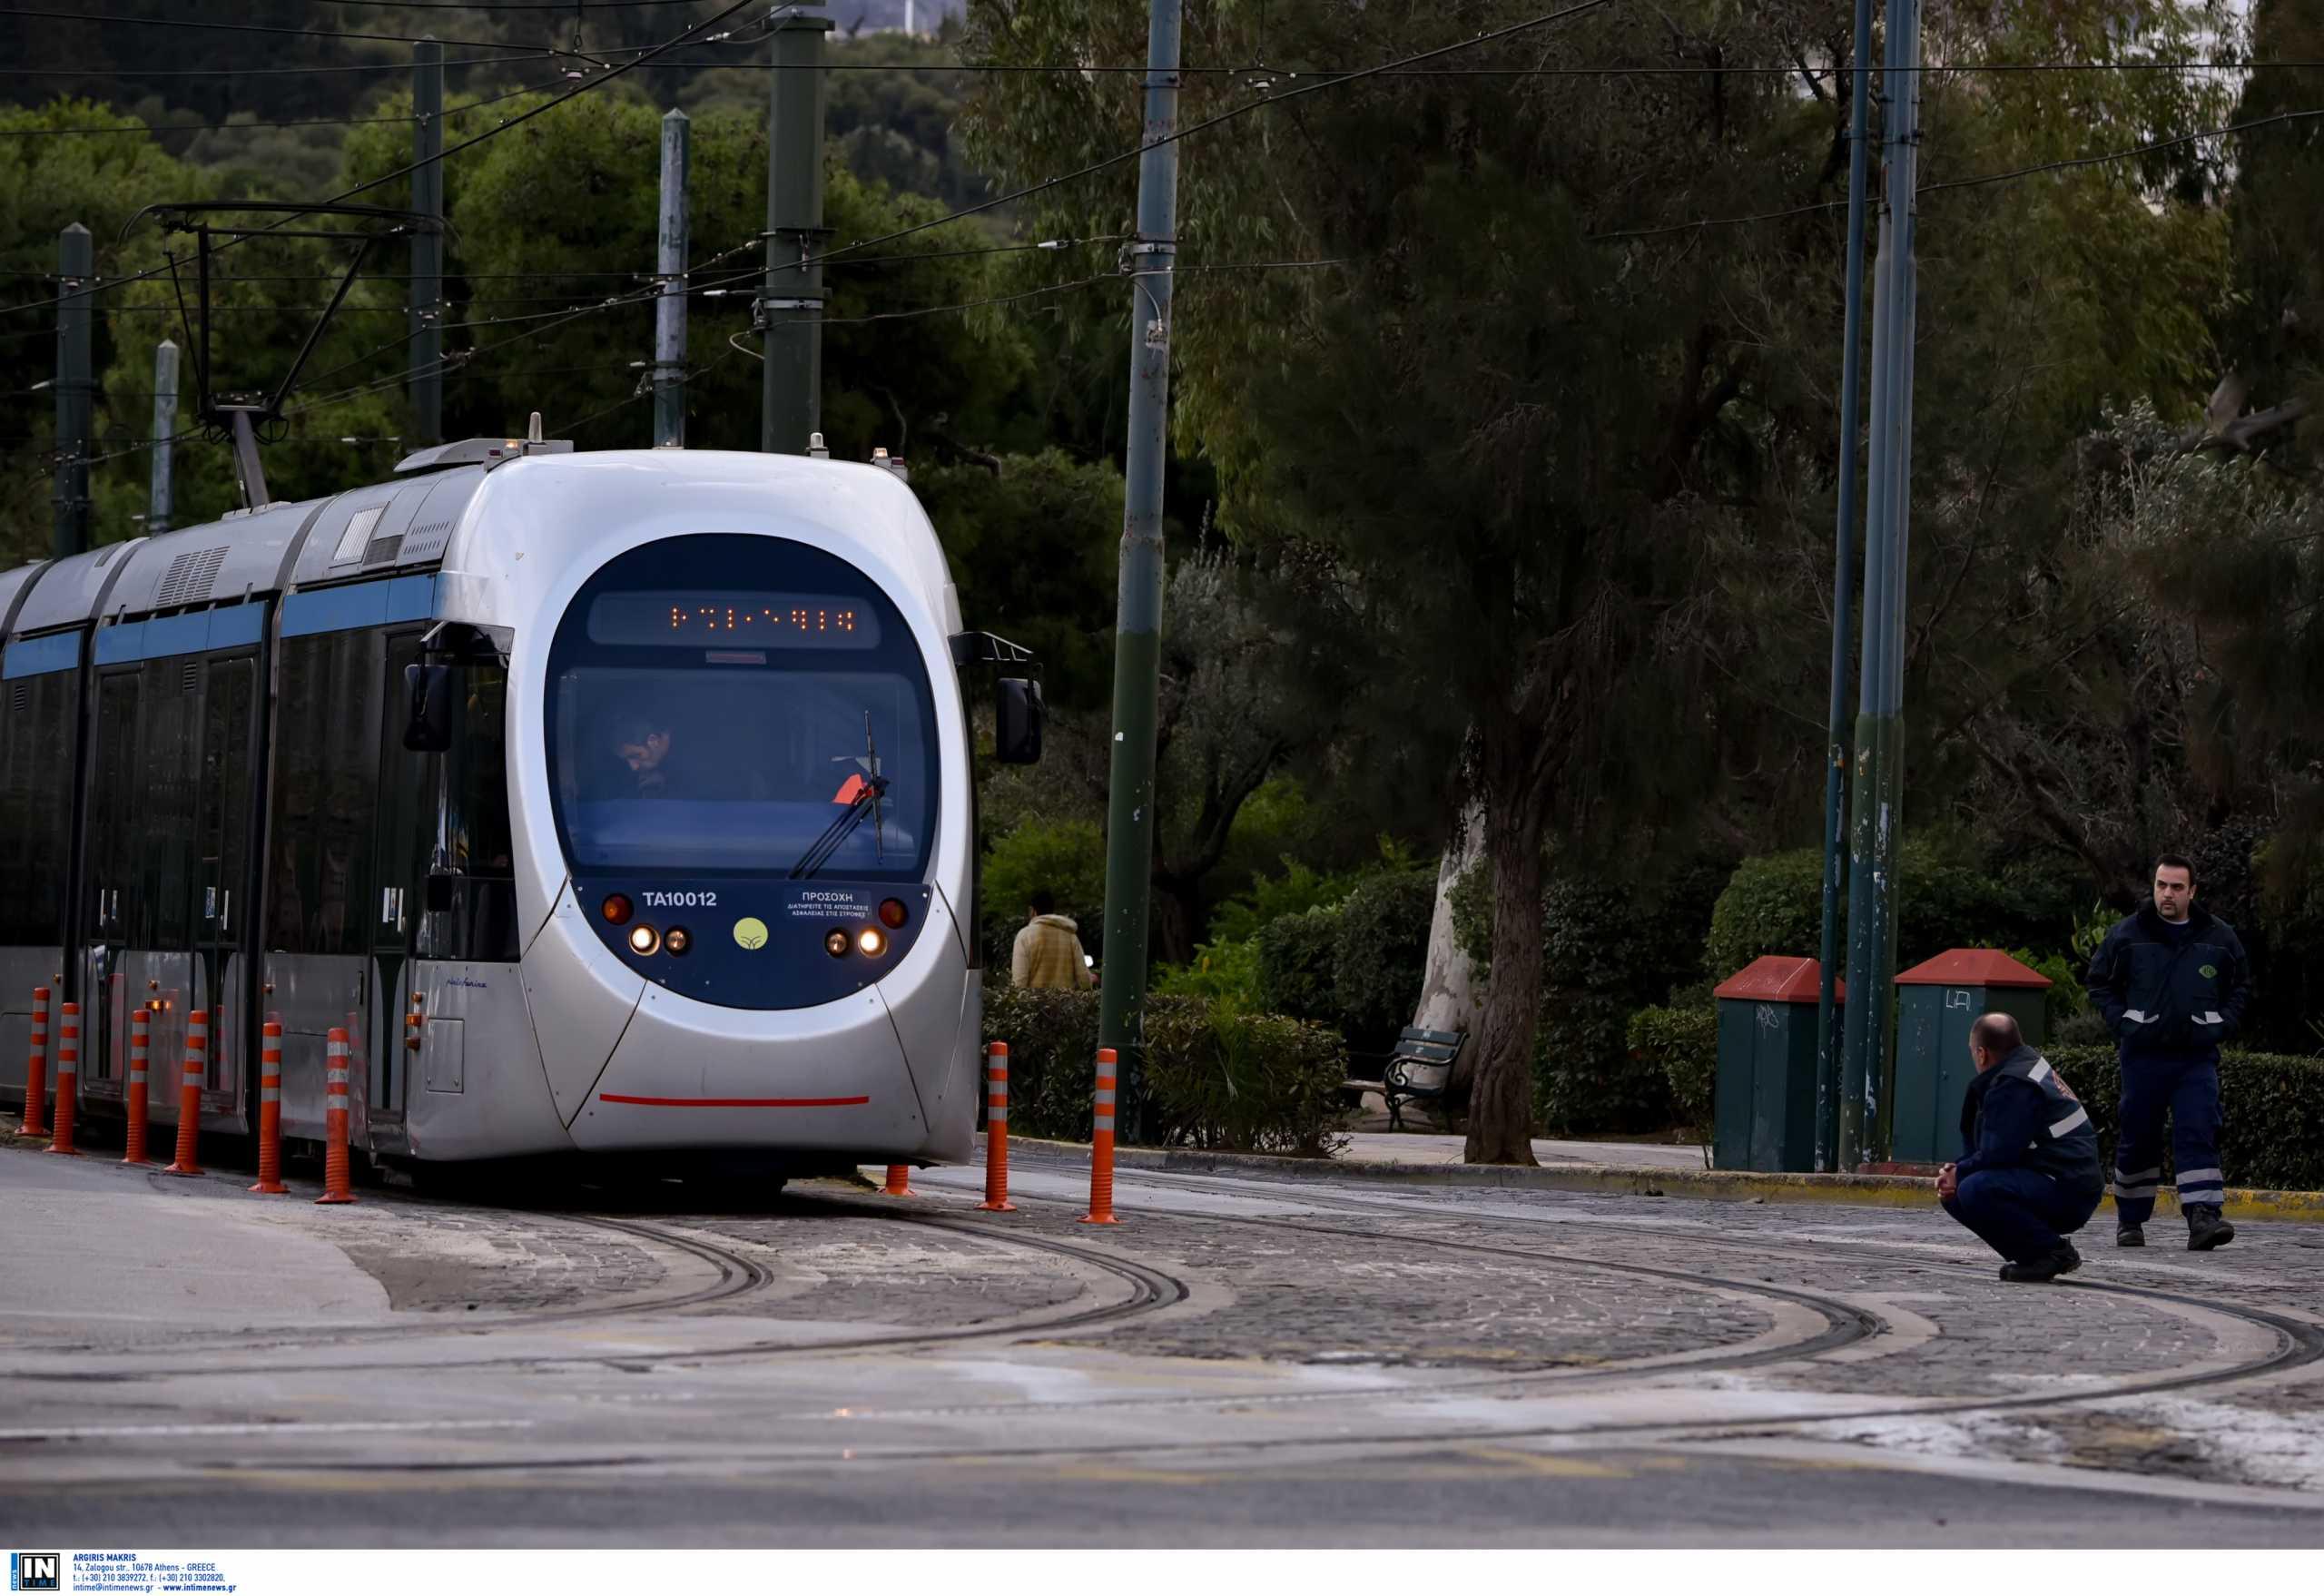 Σύγκρουση τραμ με ΙΧ στην Καλλιρόης: Απεγκλωβίστηκε ηλικιωμένος